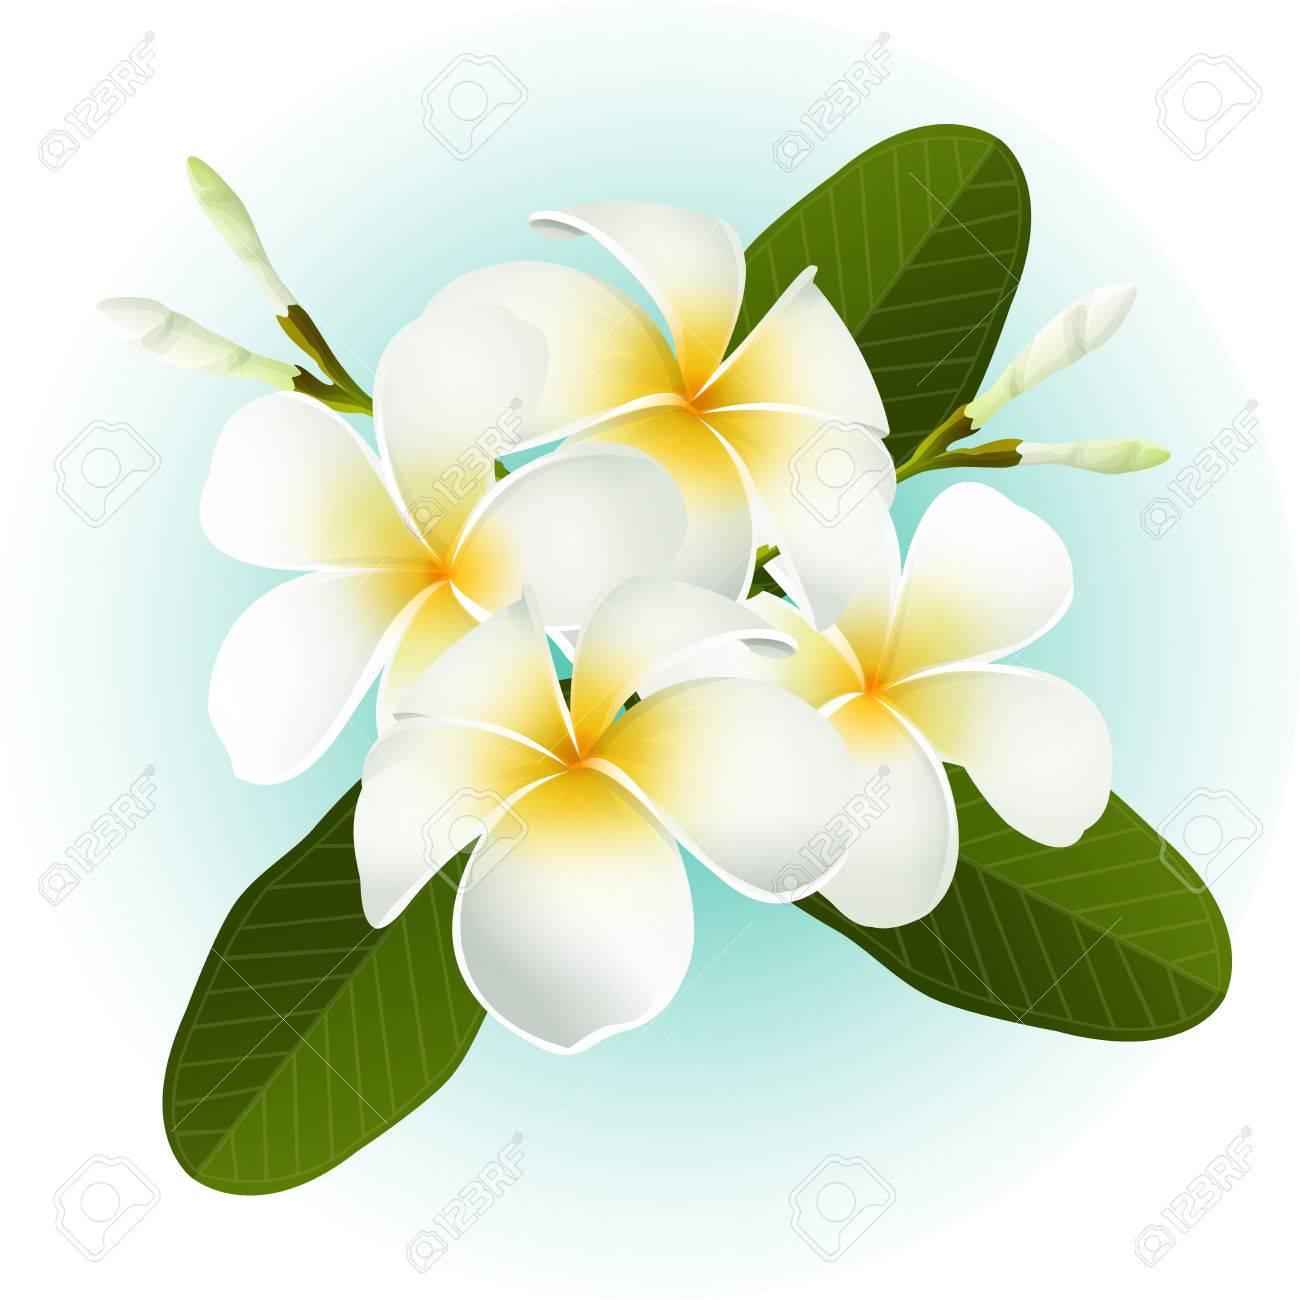 白いフランジパニ プルメリア南国の花イラストのイラスト素材 ベクタ Image